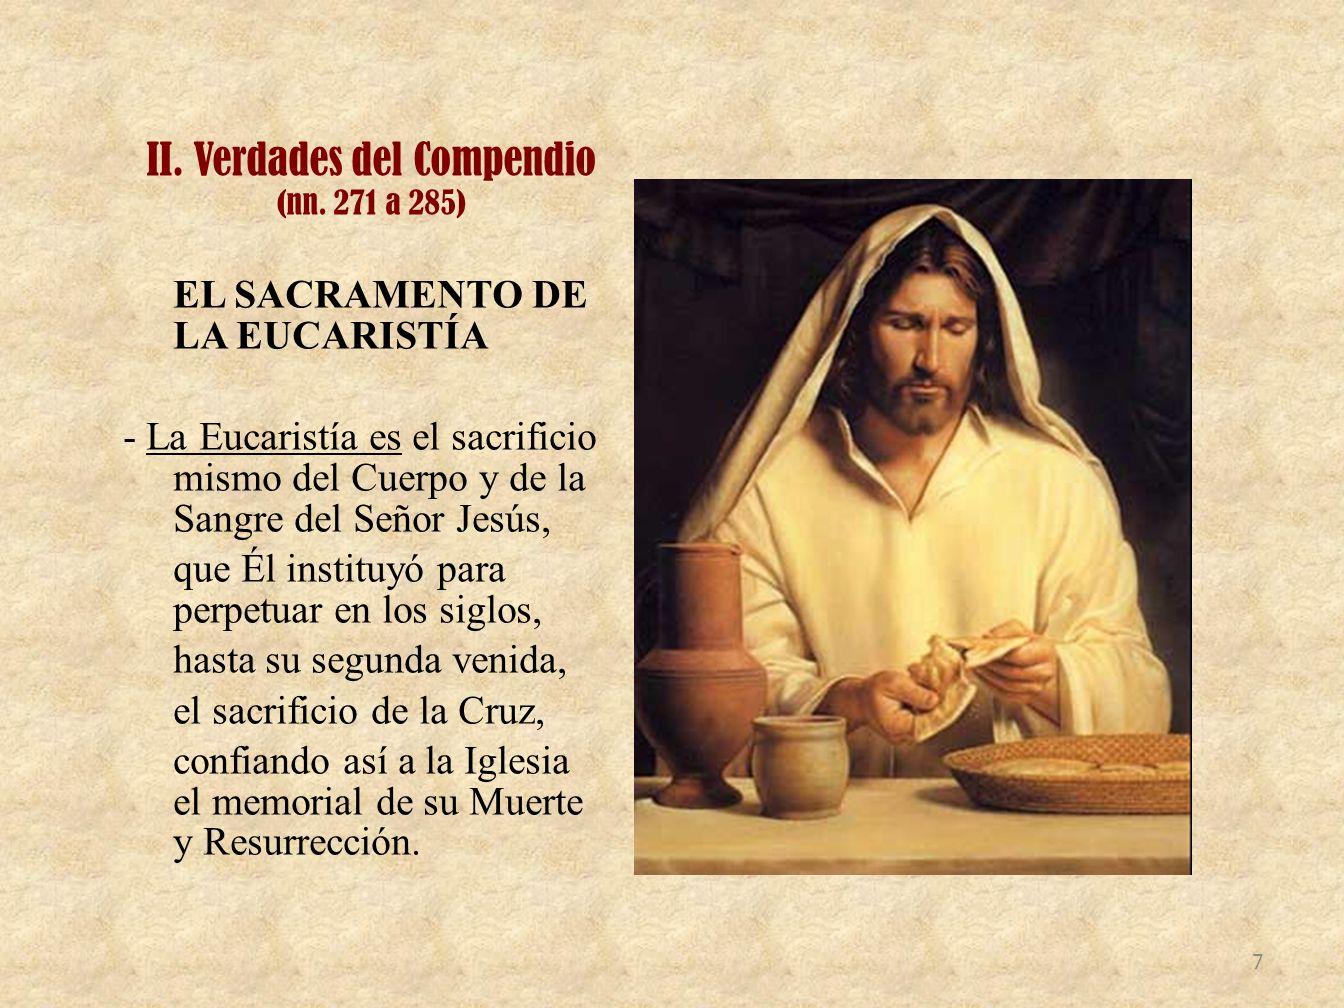 Los vasos sagrados son purificados por el sacerdote, el diácono o el acólito instituido, después de la Comunión o después de la Misa, dentro de lo posible, en la credencia.